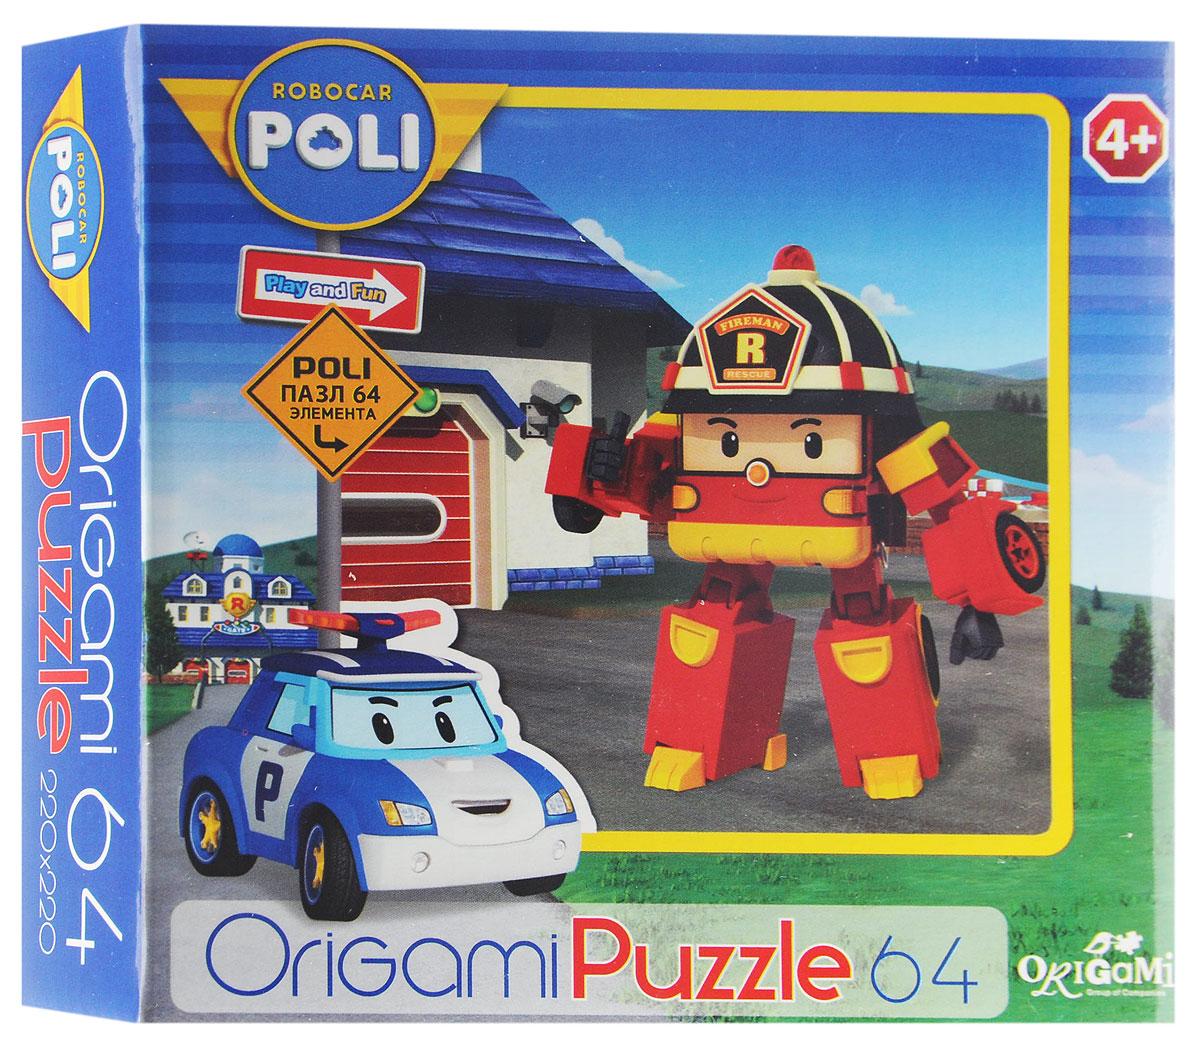 Оригами Пазл Robocar Poli Пожарная машина